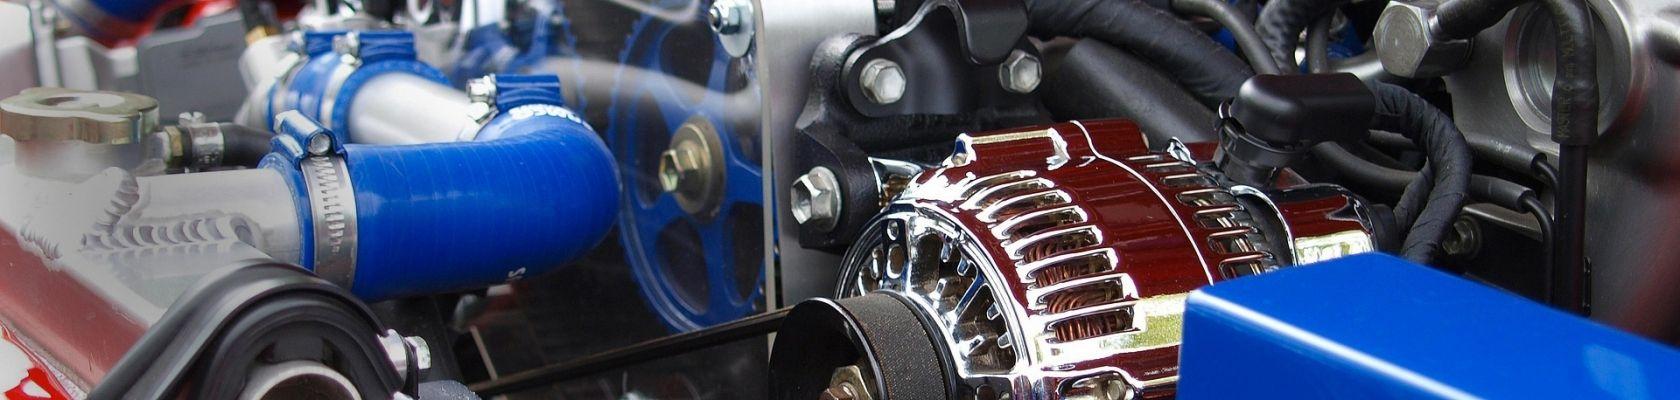 Tenute meccaniche settore Automotive